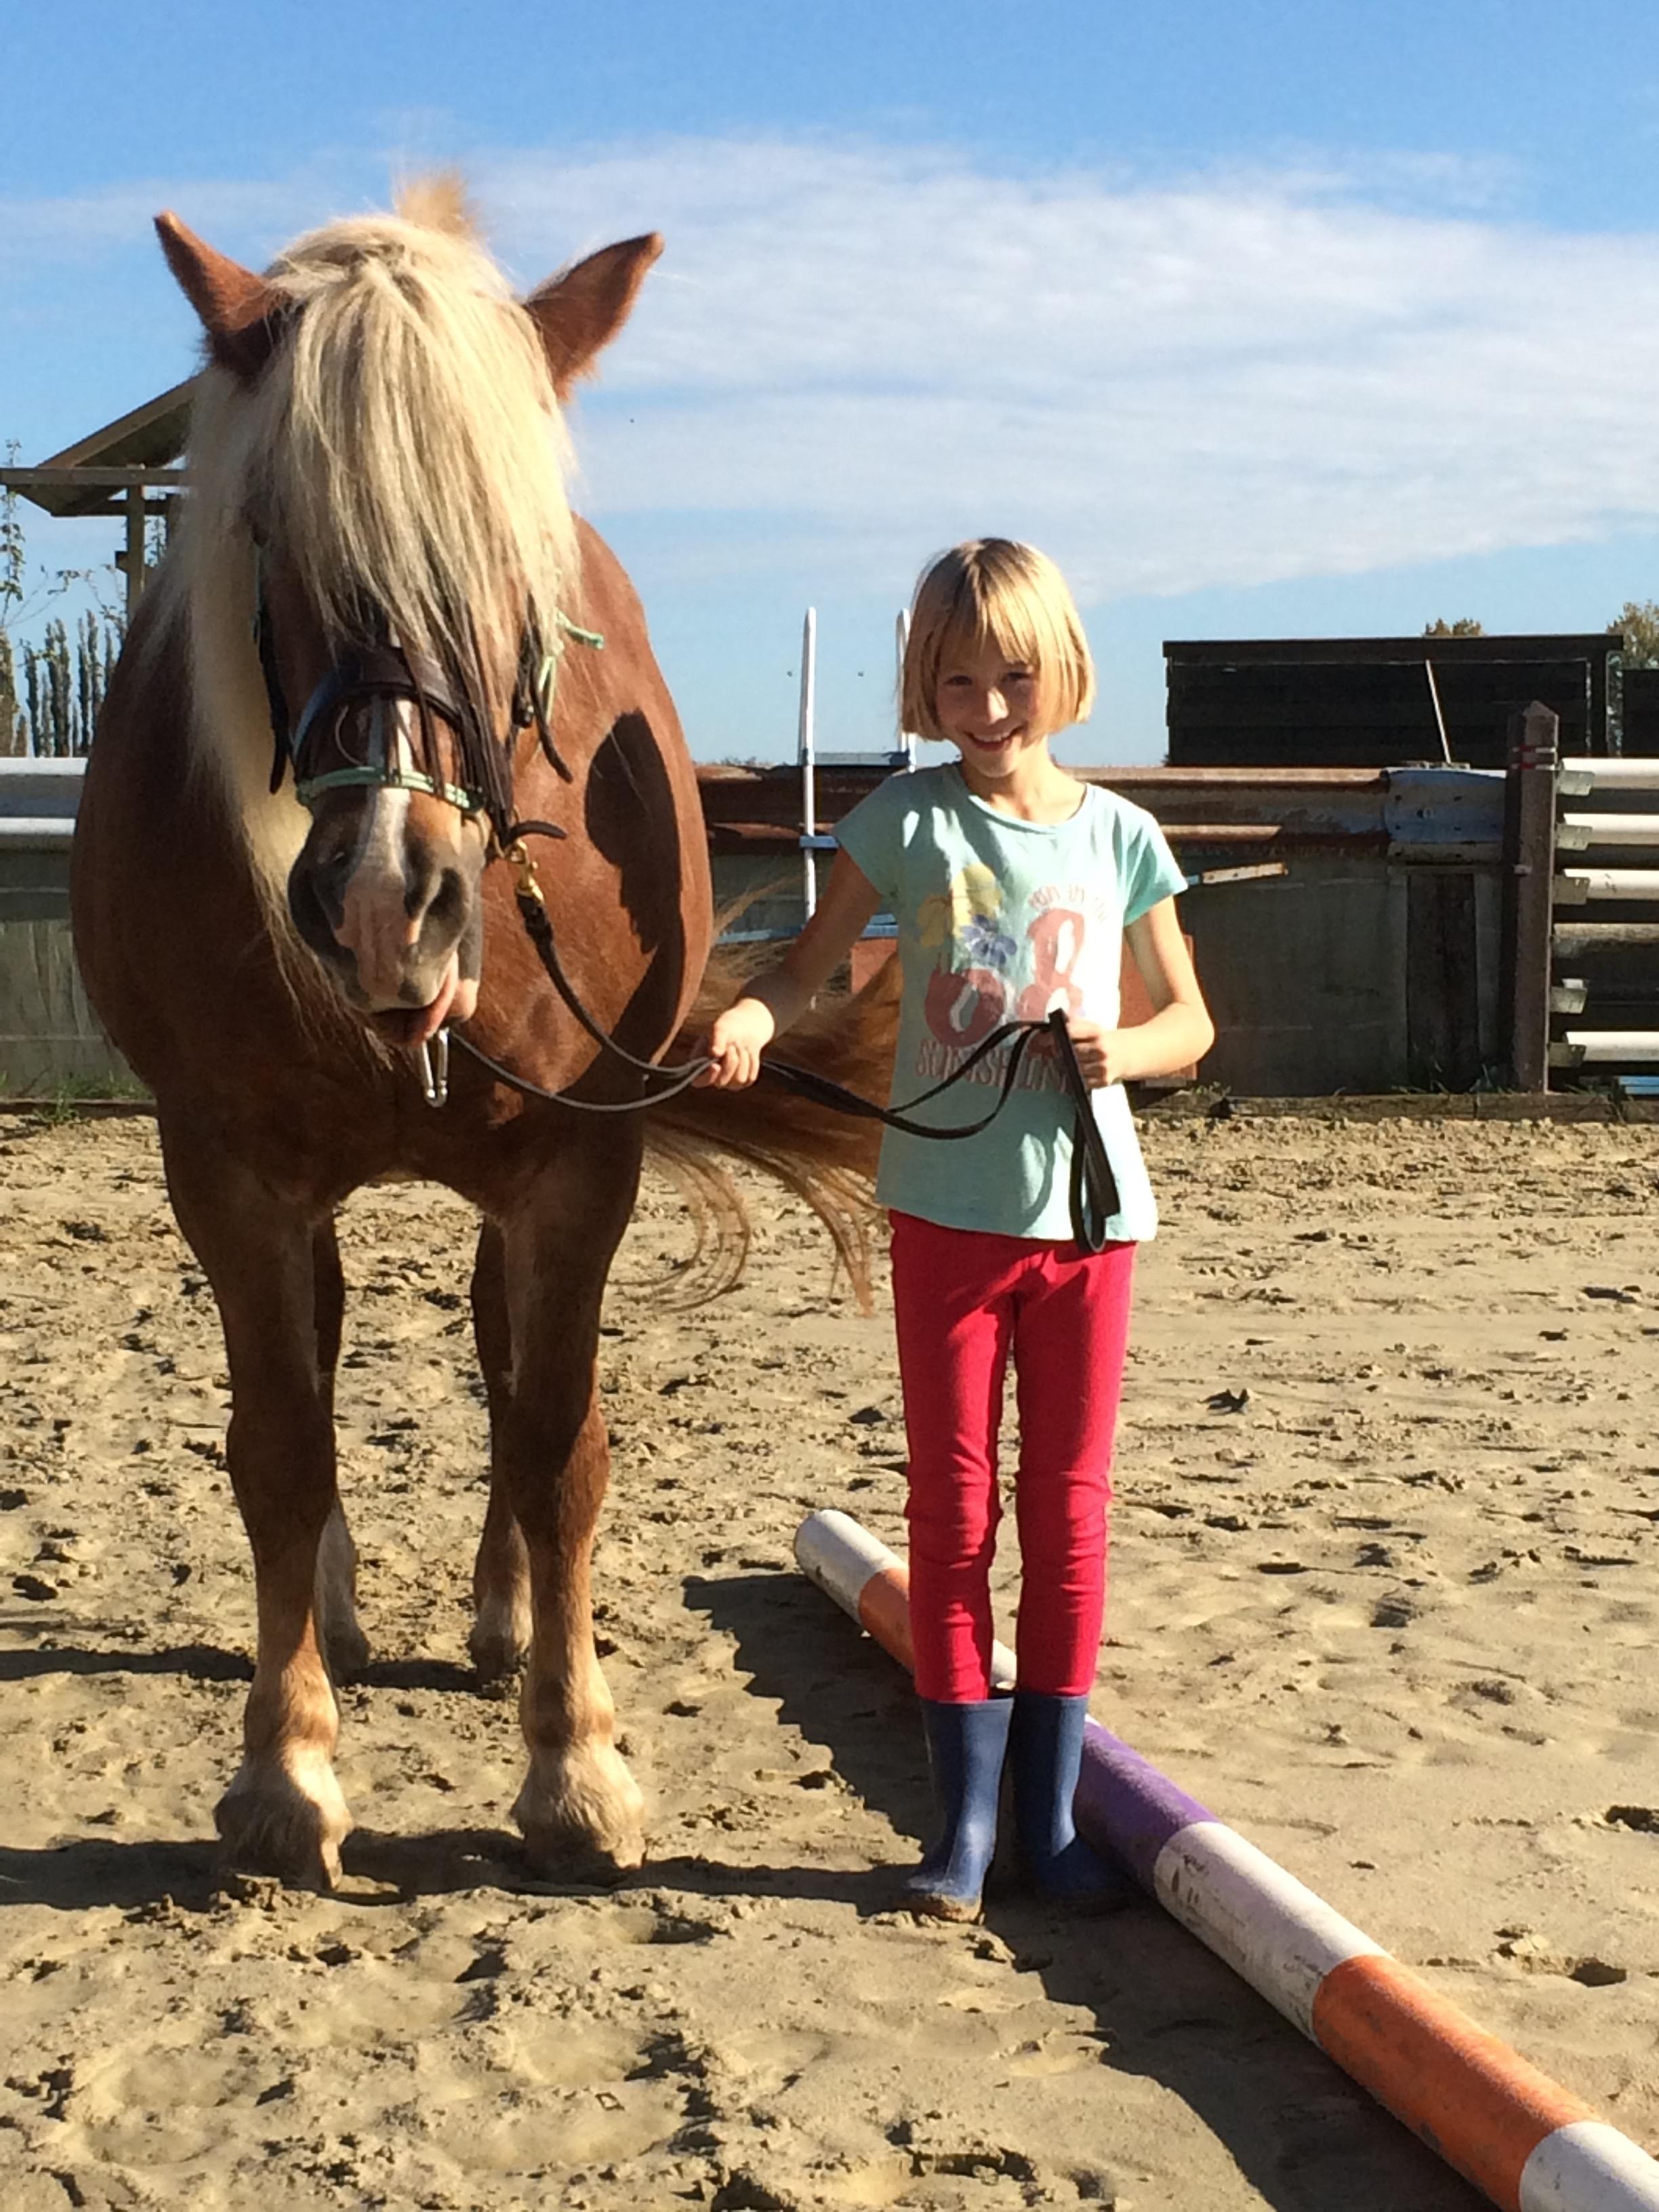 Hoe begeleid ik een paard?